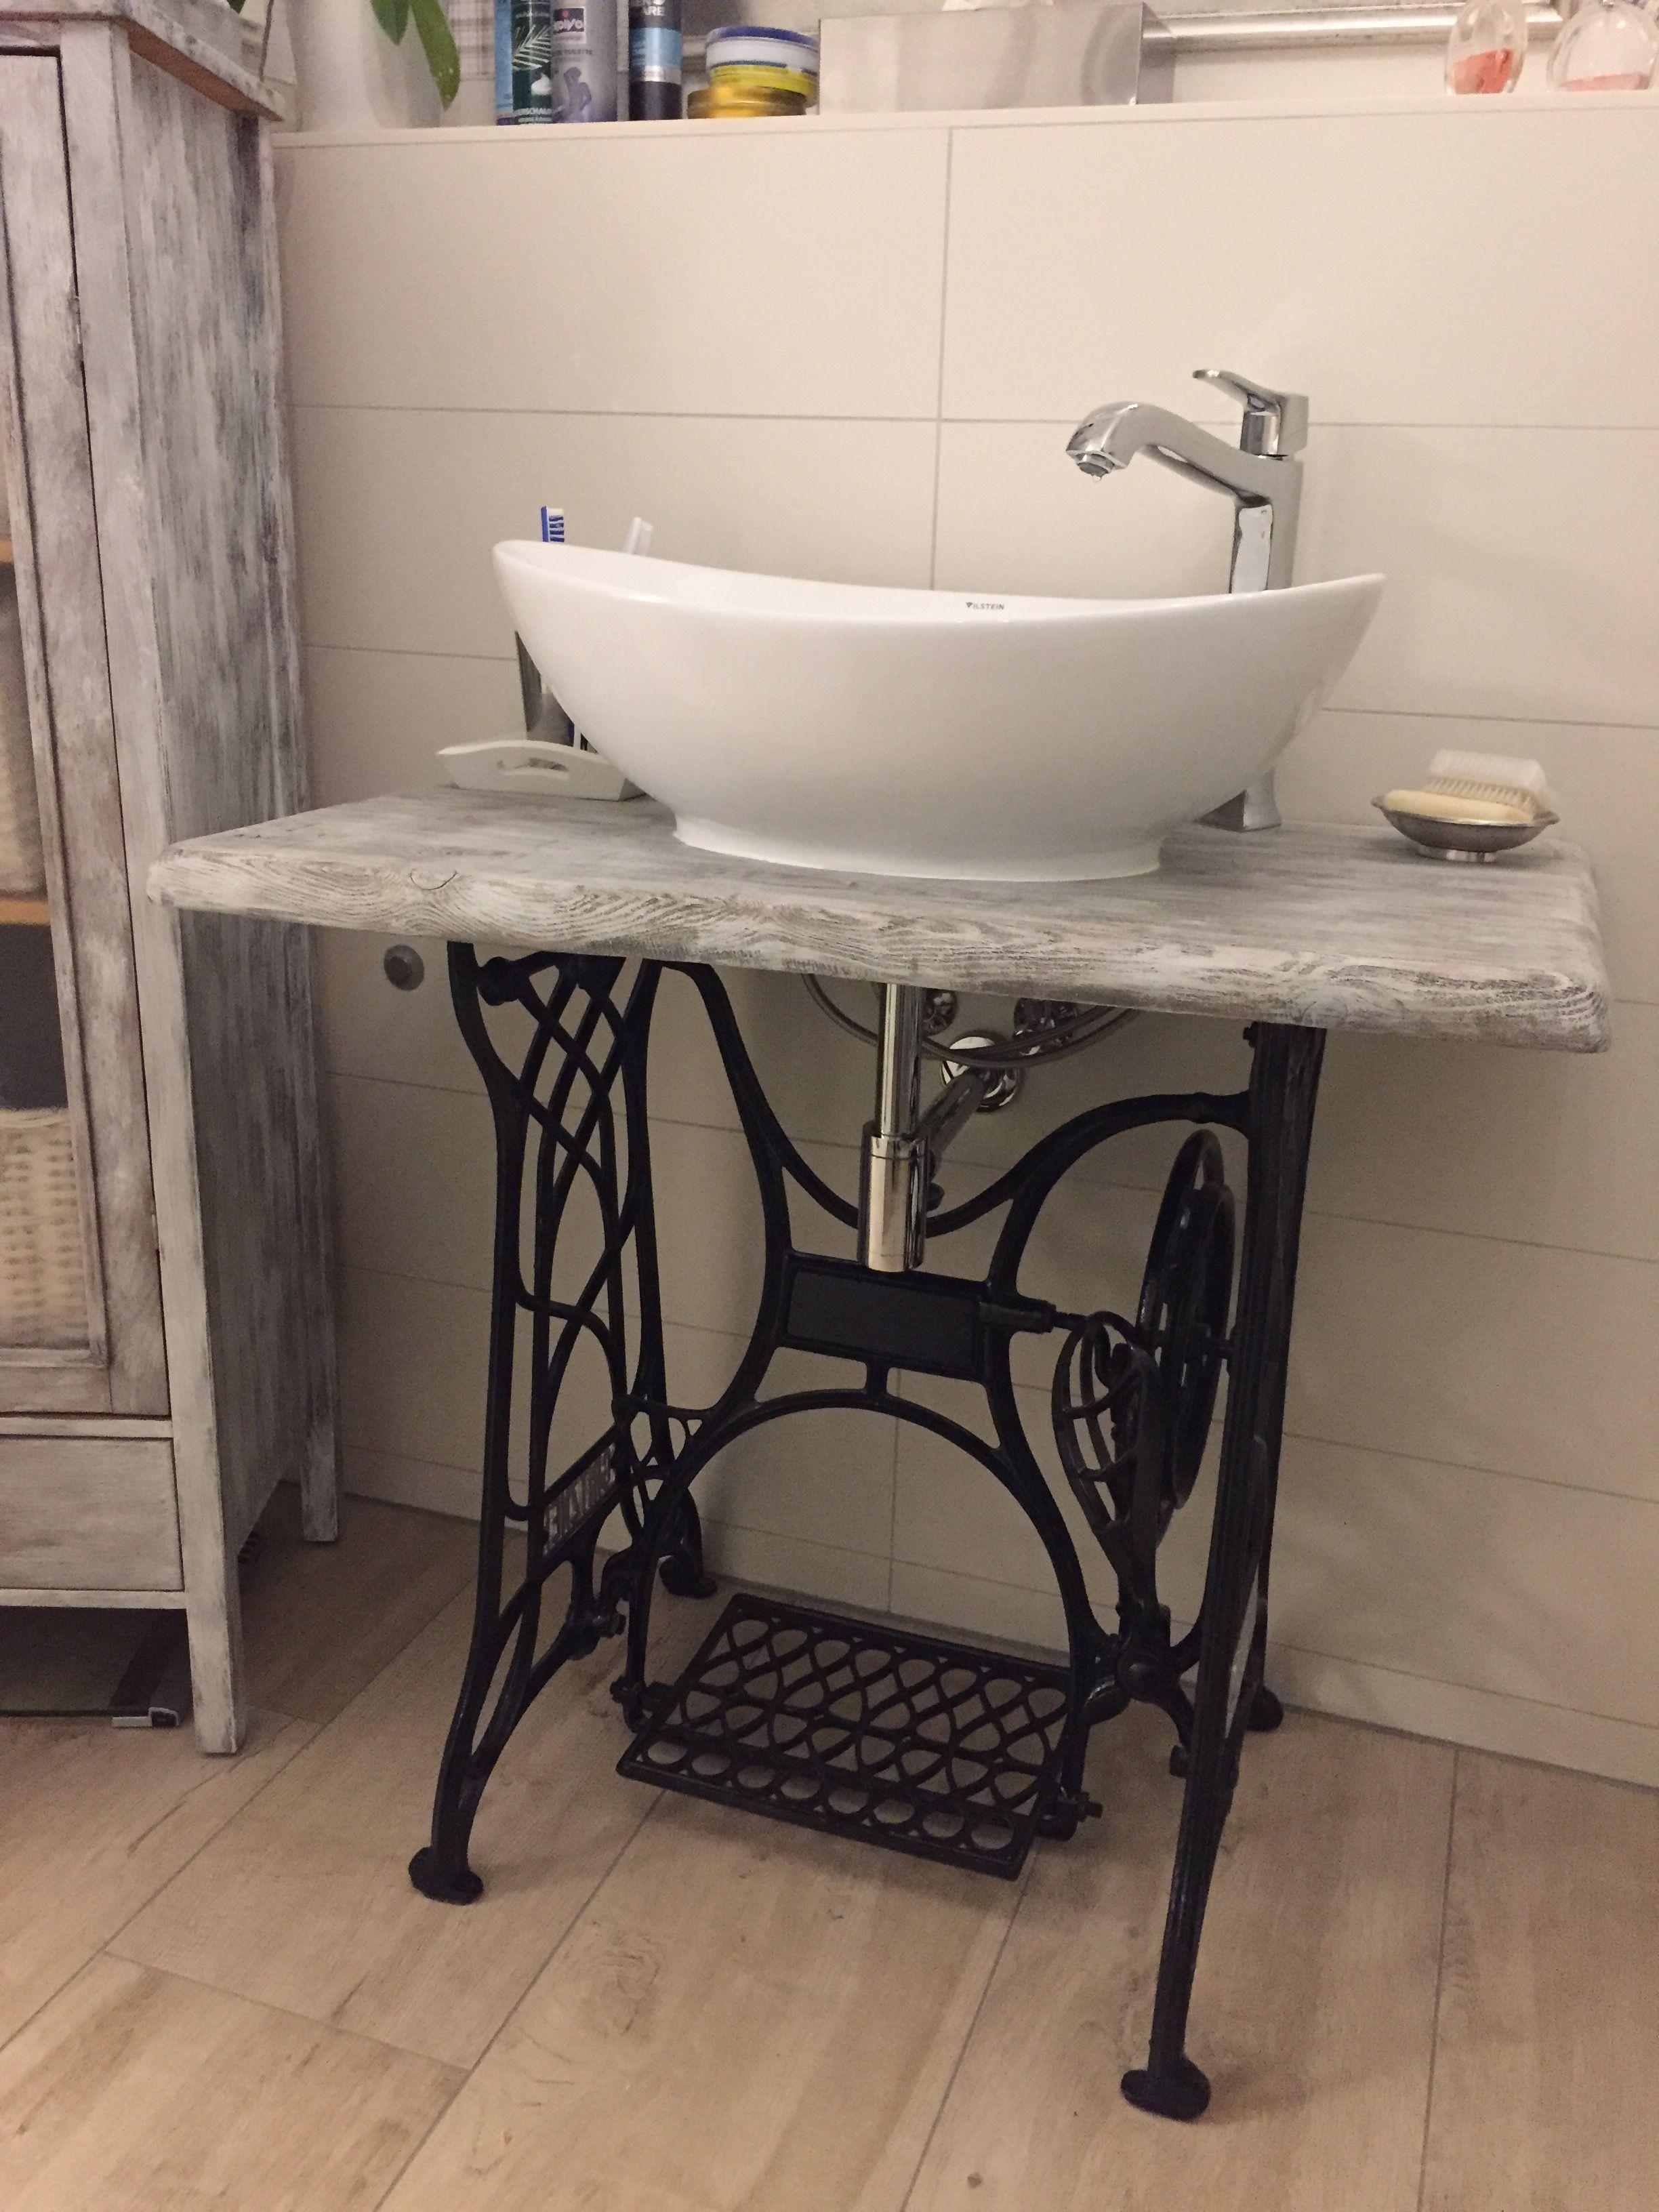 selbstgebauter waschtisch aus einem alten n hmaschinengest azienkowe pomys y bathroom. Black Bedroom Furniture Sets. Home Design Ideas